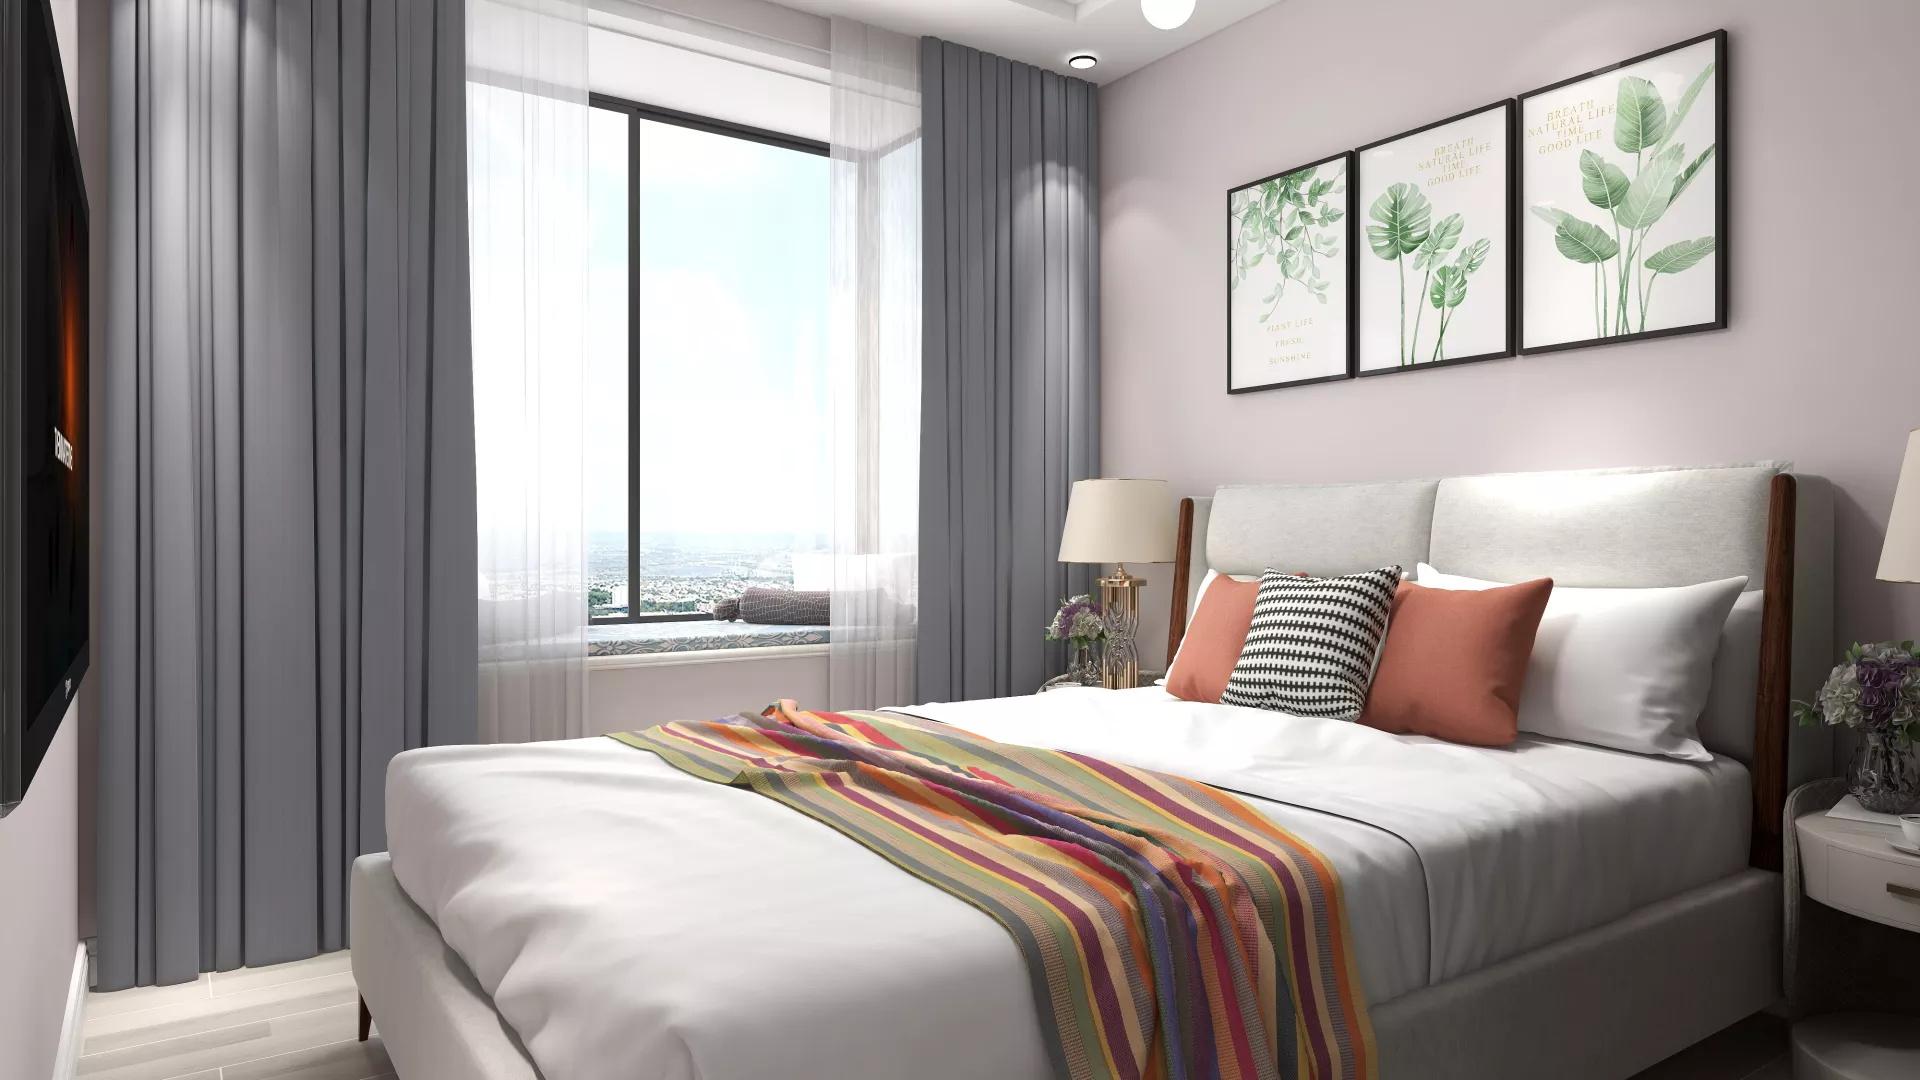 北欧风格温馨三居室装修效果图